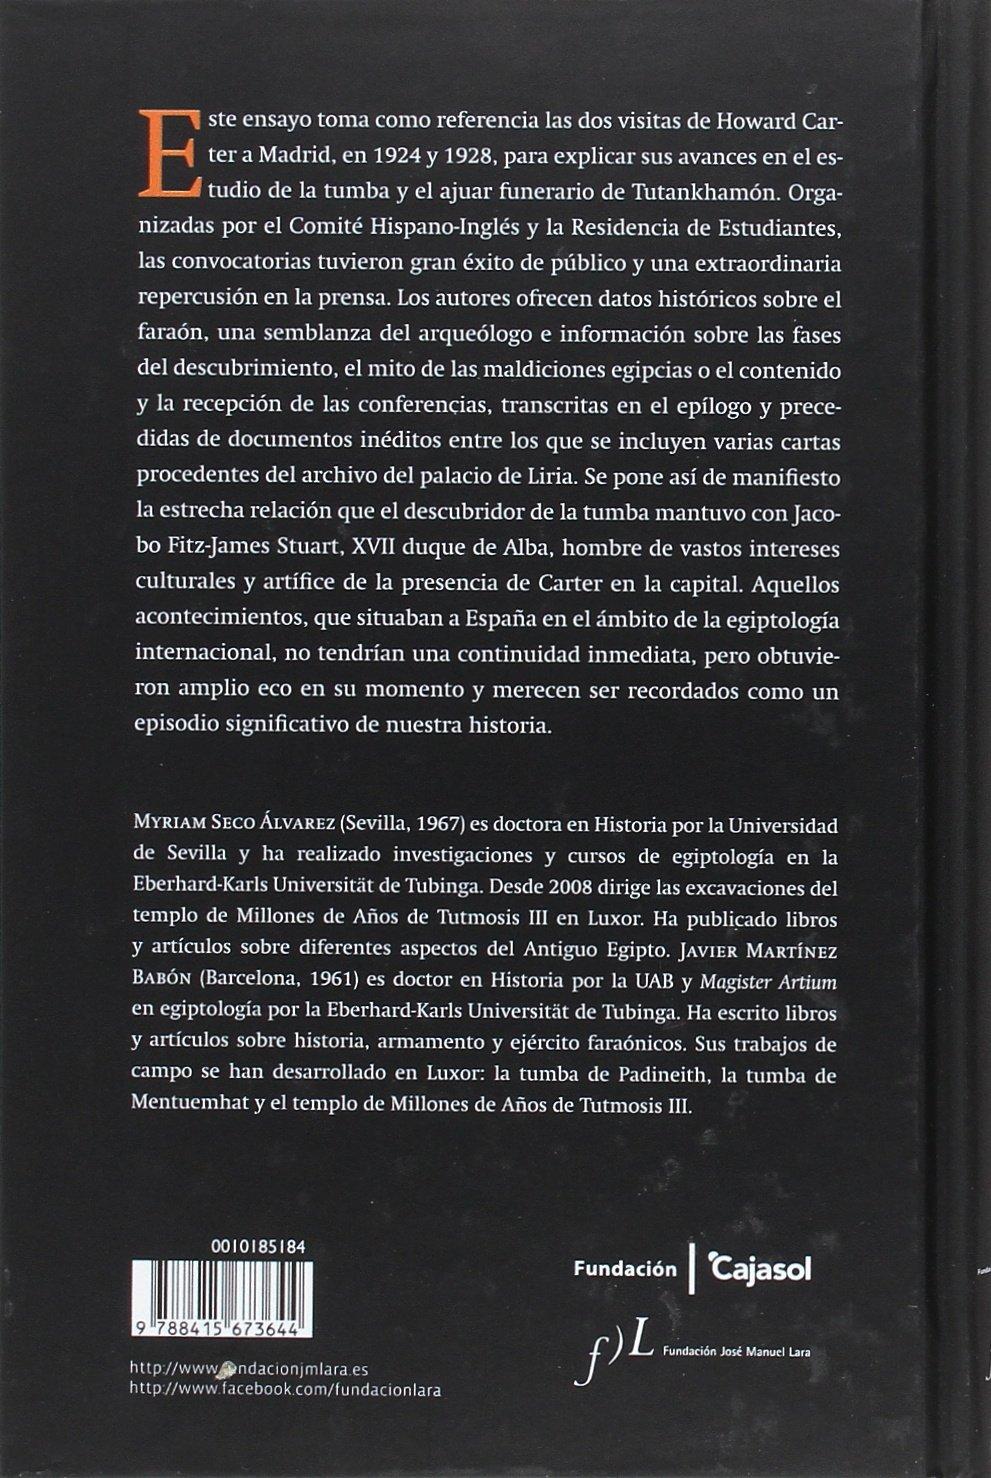 Tutankhamón en España. Howard Carter, el duque de Alba y las conf. de Madrid: Premio Manuel Alvar de Estudios Humanísticos 2017 FUERA DE COLECCIÓN: Amazon.es: Seco Álvarez, Myriam, Martínez Babón, Xavier: Libros